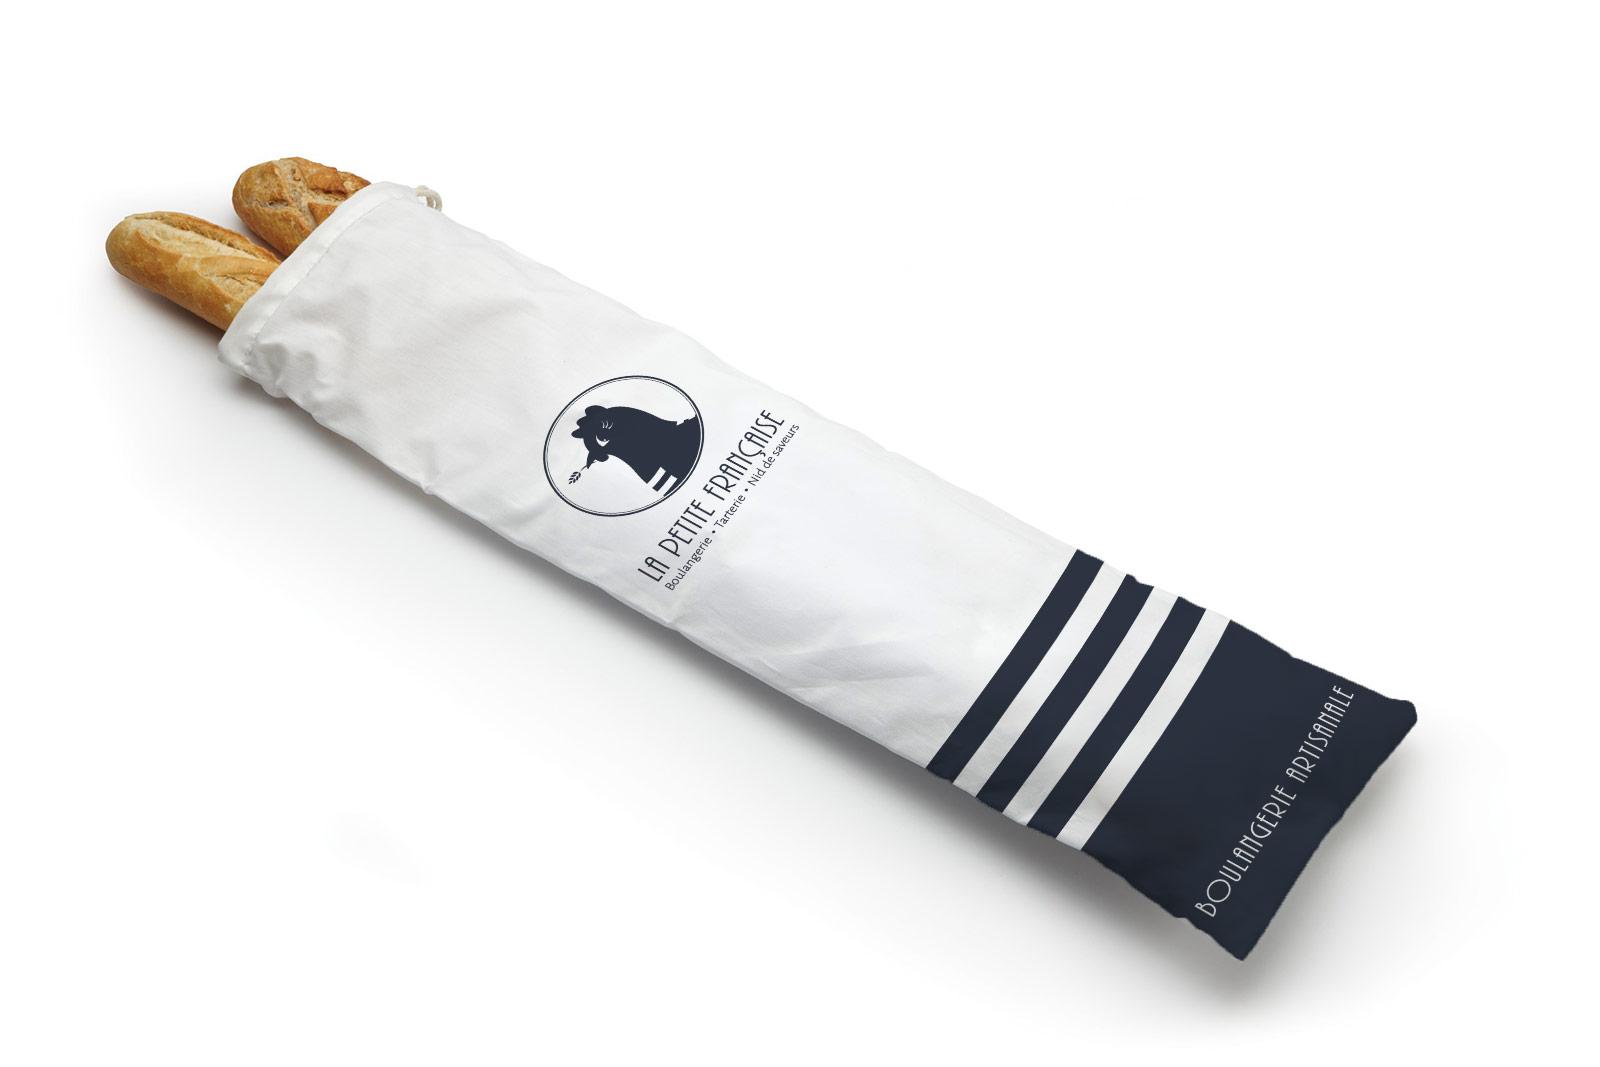 Sac à baguette La Petite Française boulangerie communication Moulin Maury GlobeWorker